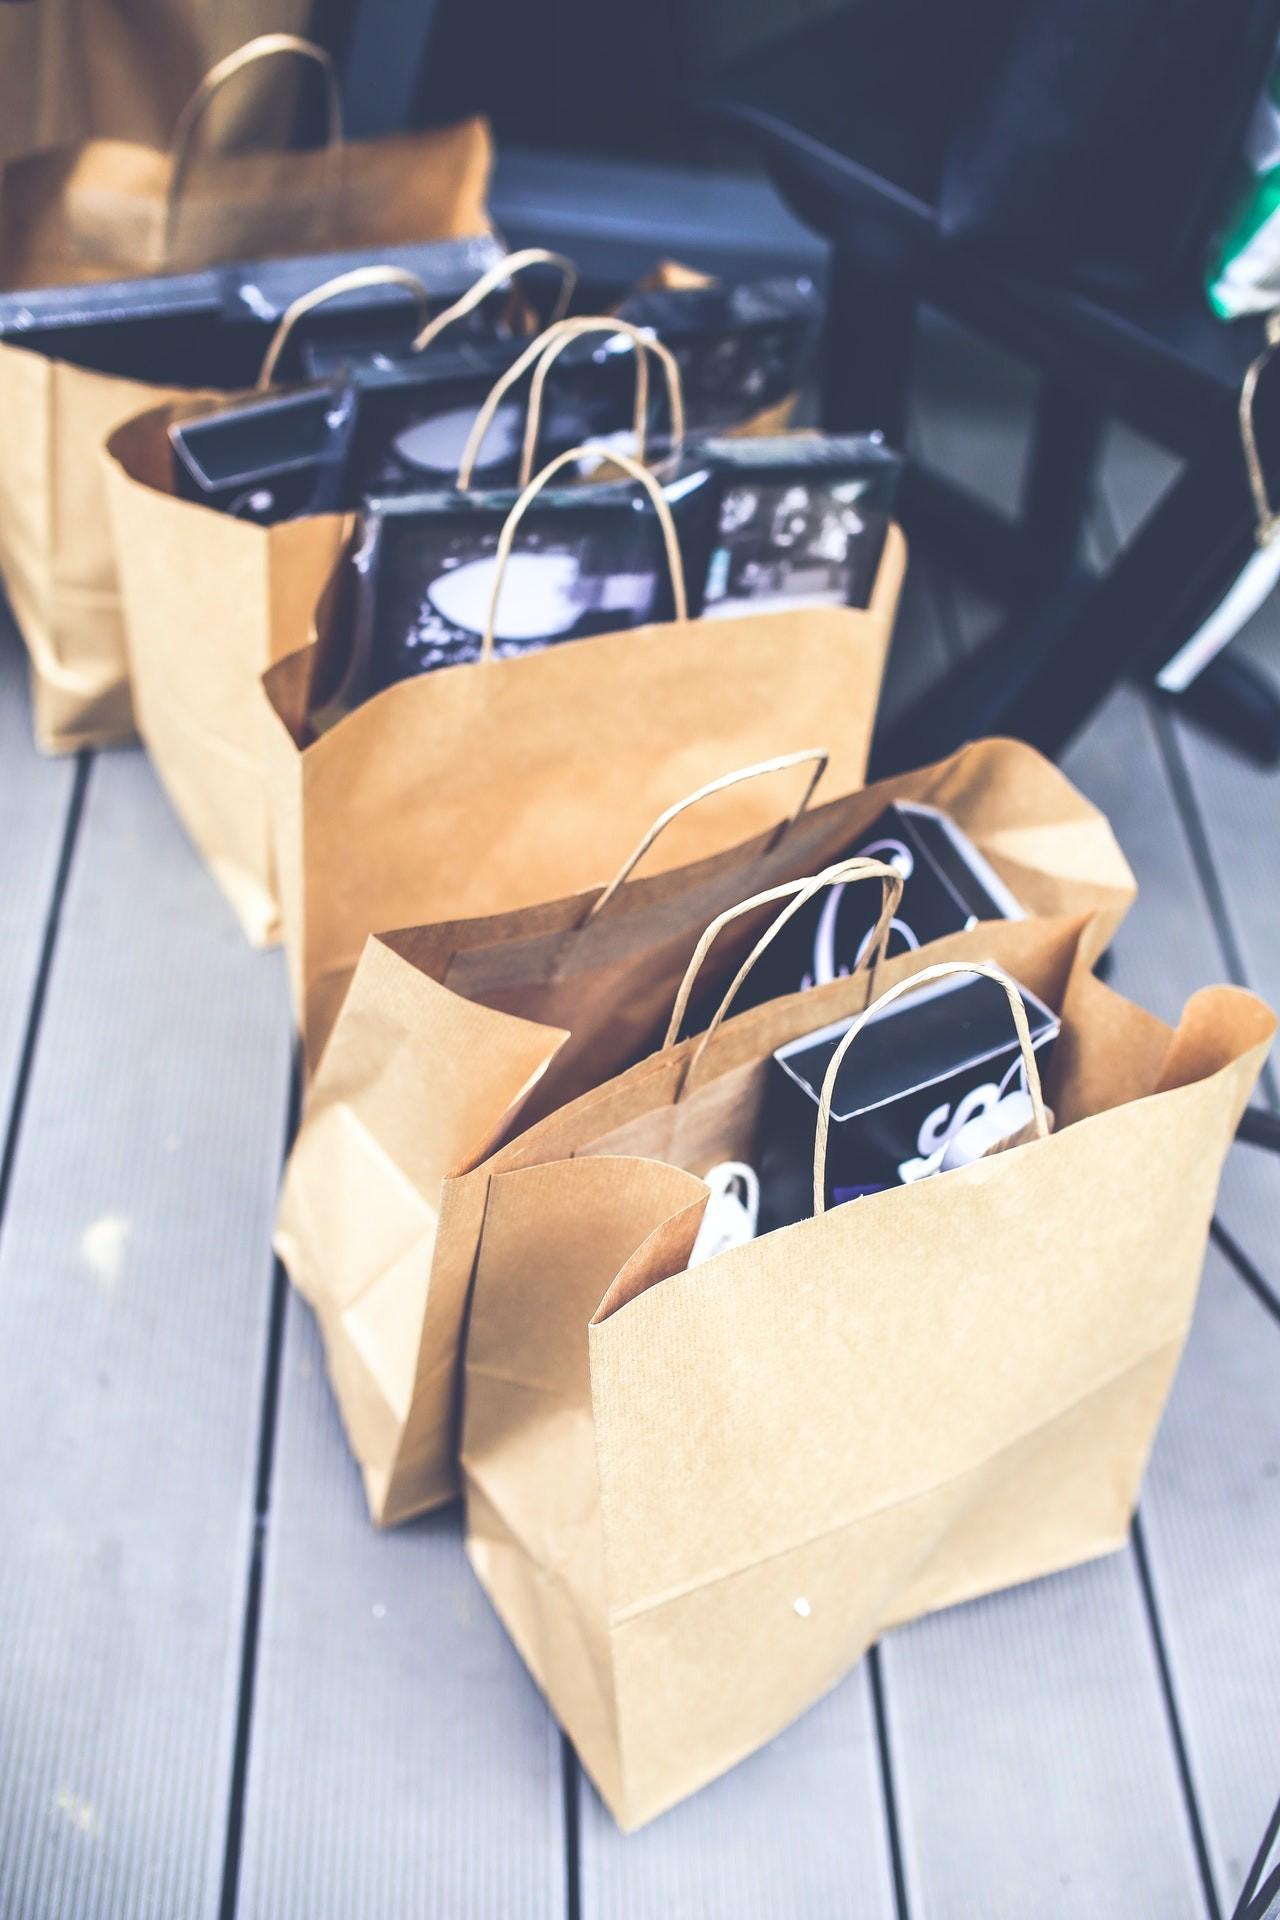 Der Einsatz von Einkaufstrollys schont auch die Umwelt, weil Du keine Tüten mehr brauchst.